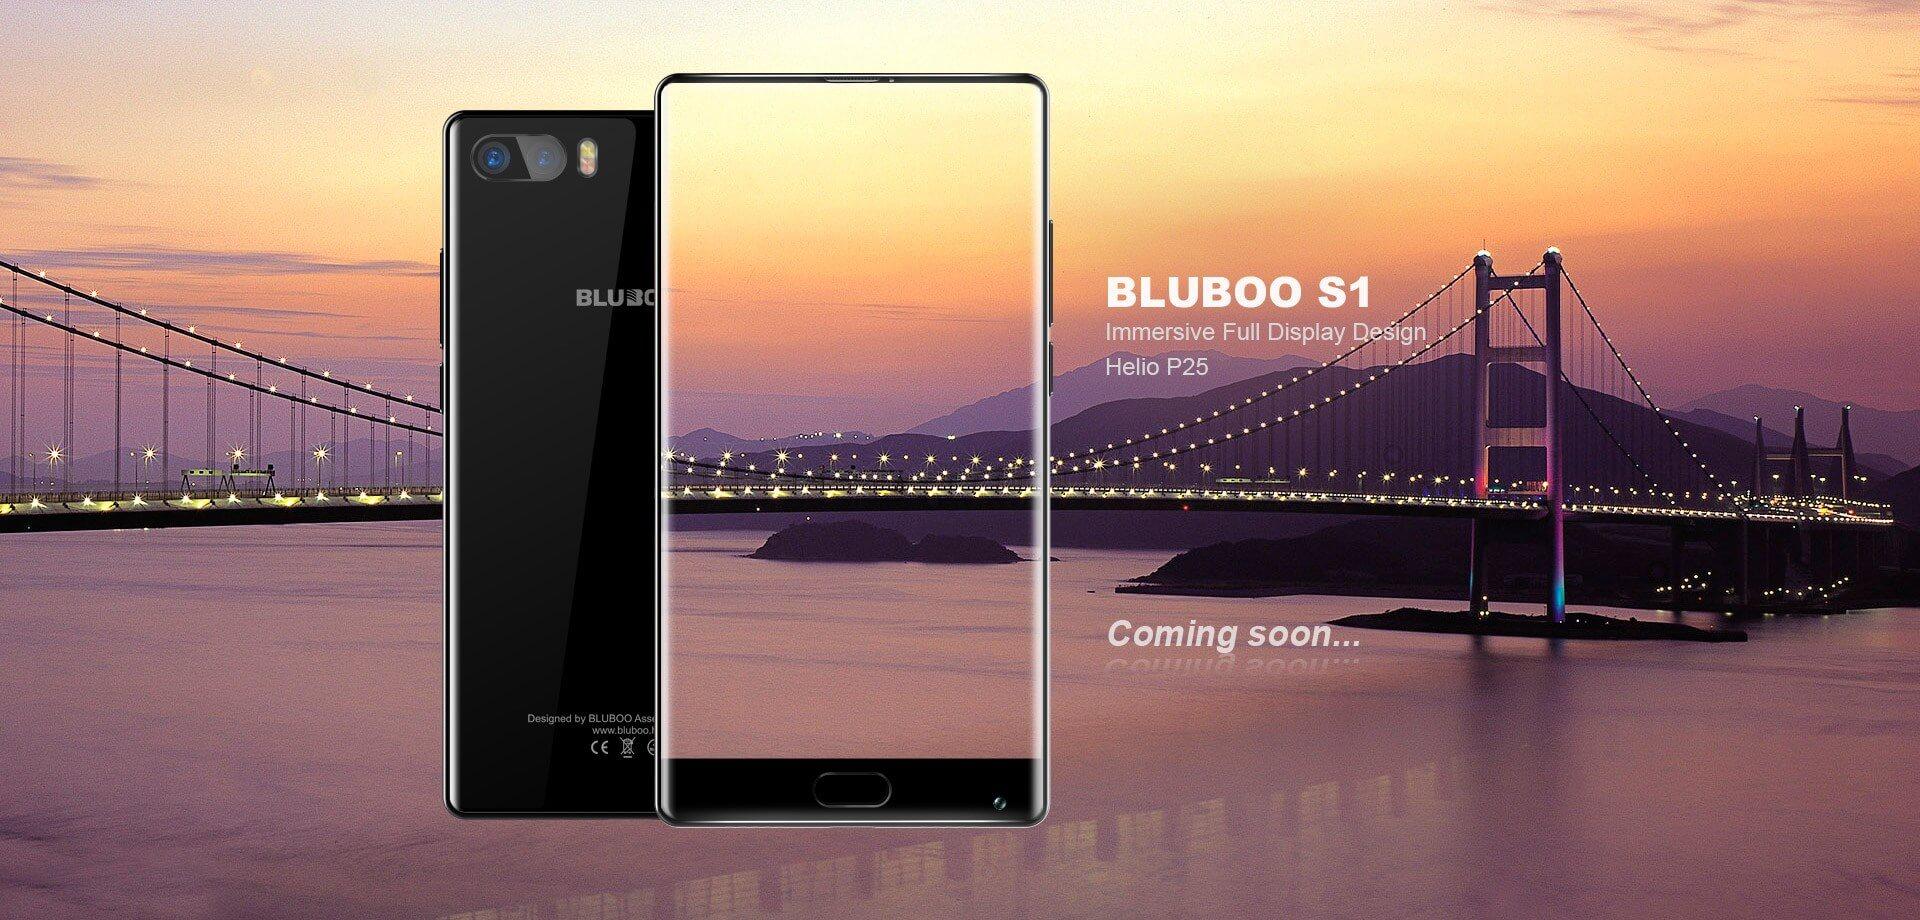 BLUBOO бросил вызов Galaxy S8